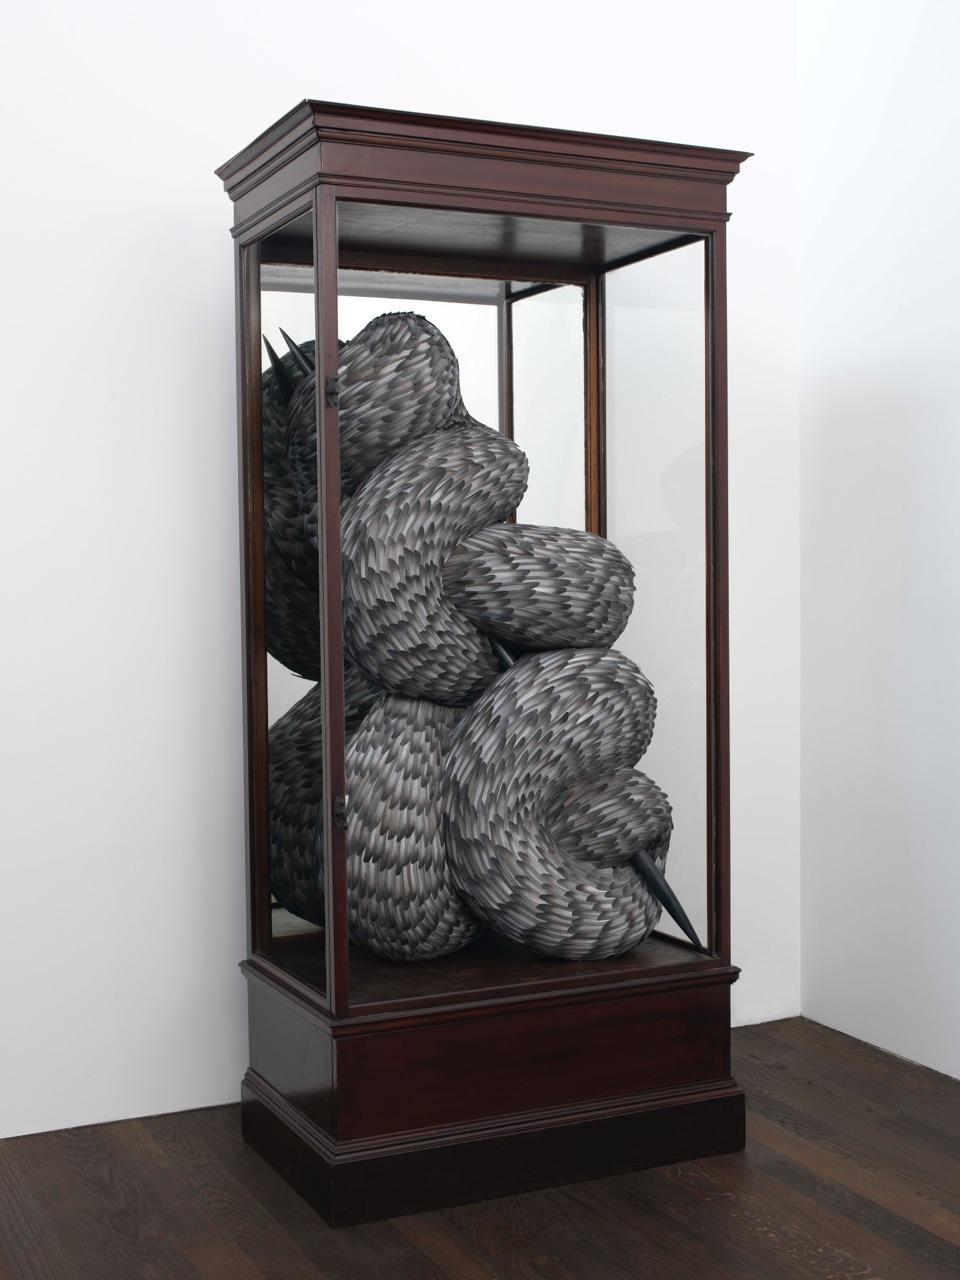 Sneer, 2014, Kate MccGwire